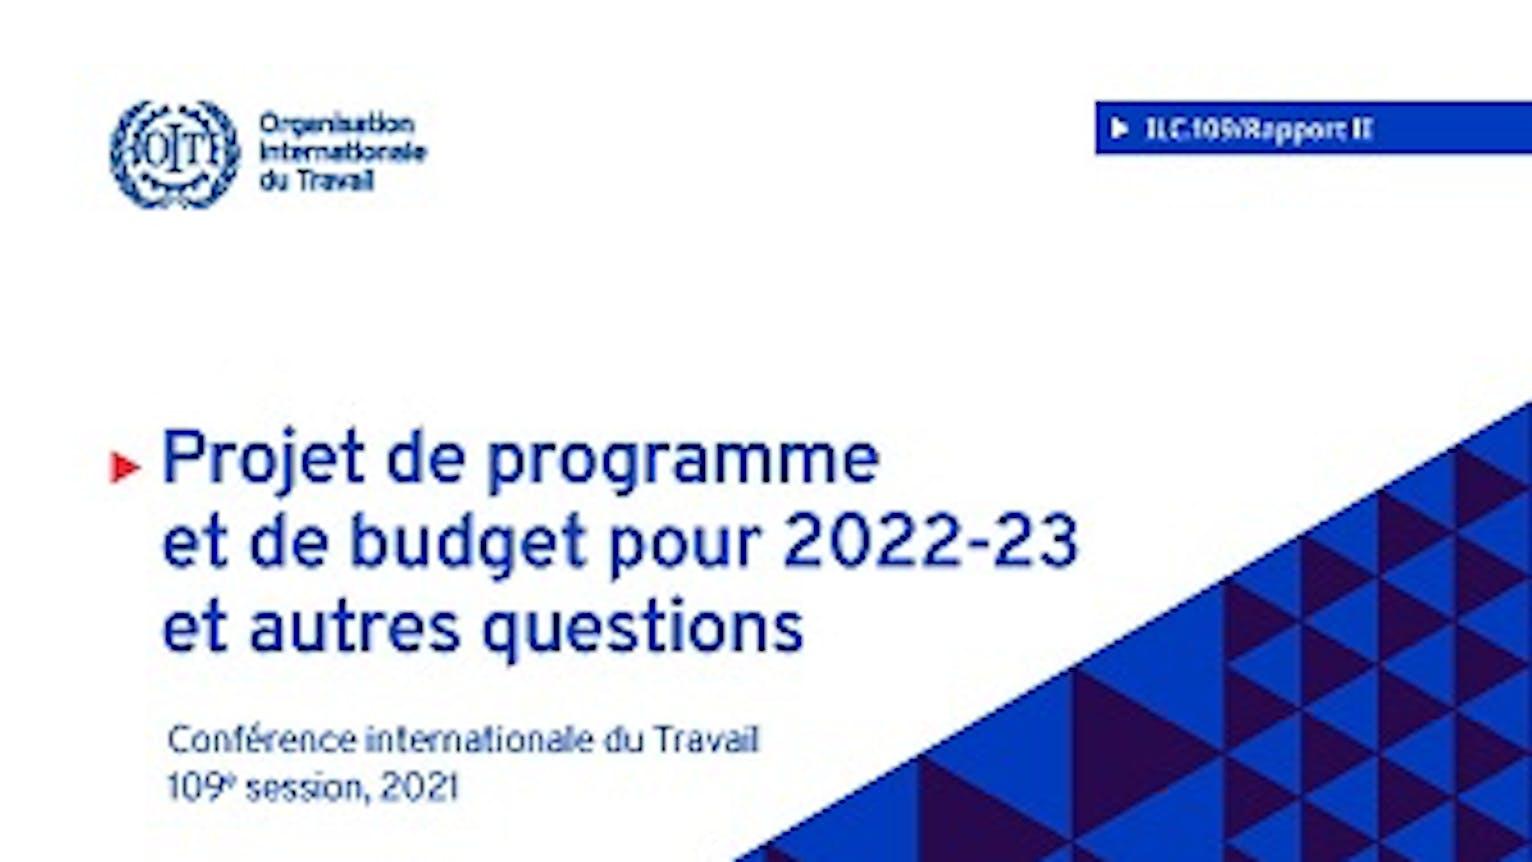 Couverture de page du programme et budget de l'OIT pour 2022-23.